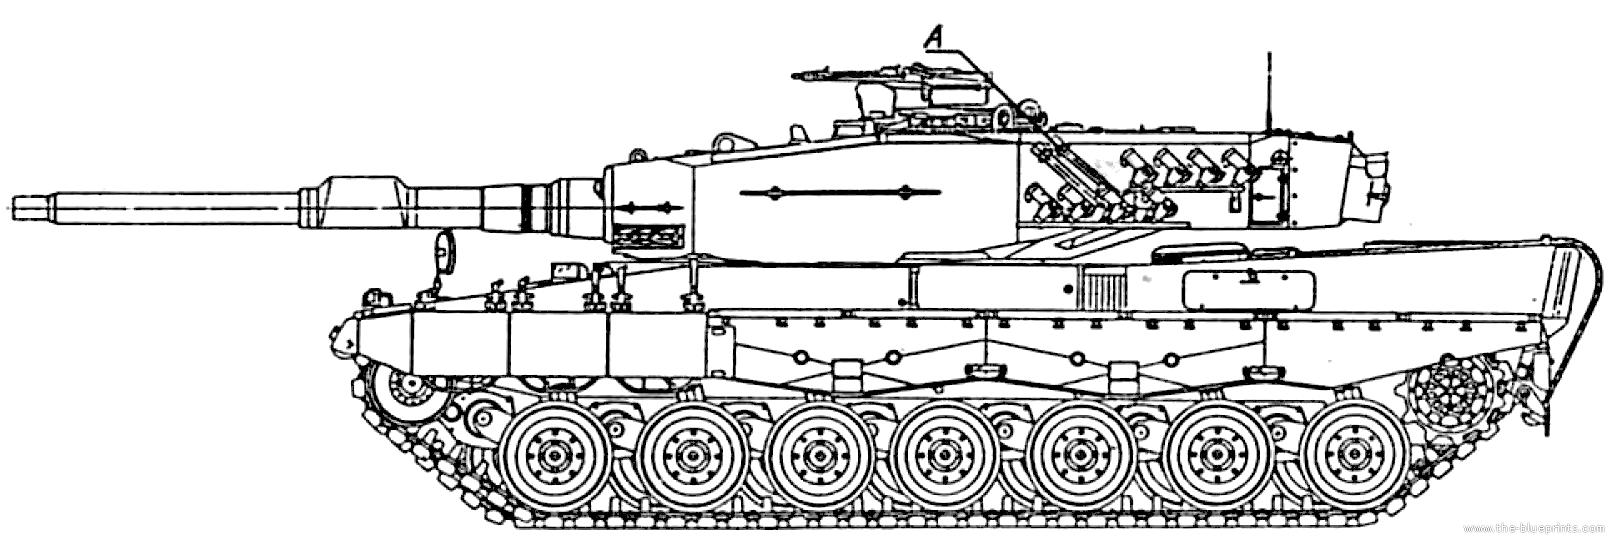 Blueprints tanks tanks k l leopard 2a4 pz 87 leopard 2a4 pz 87 malvernweather Choice Image